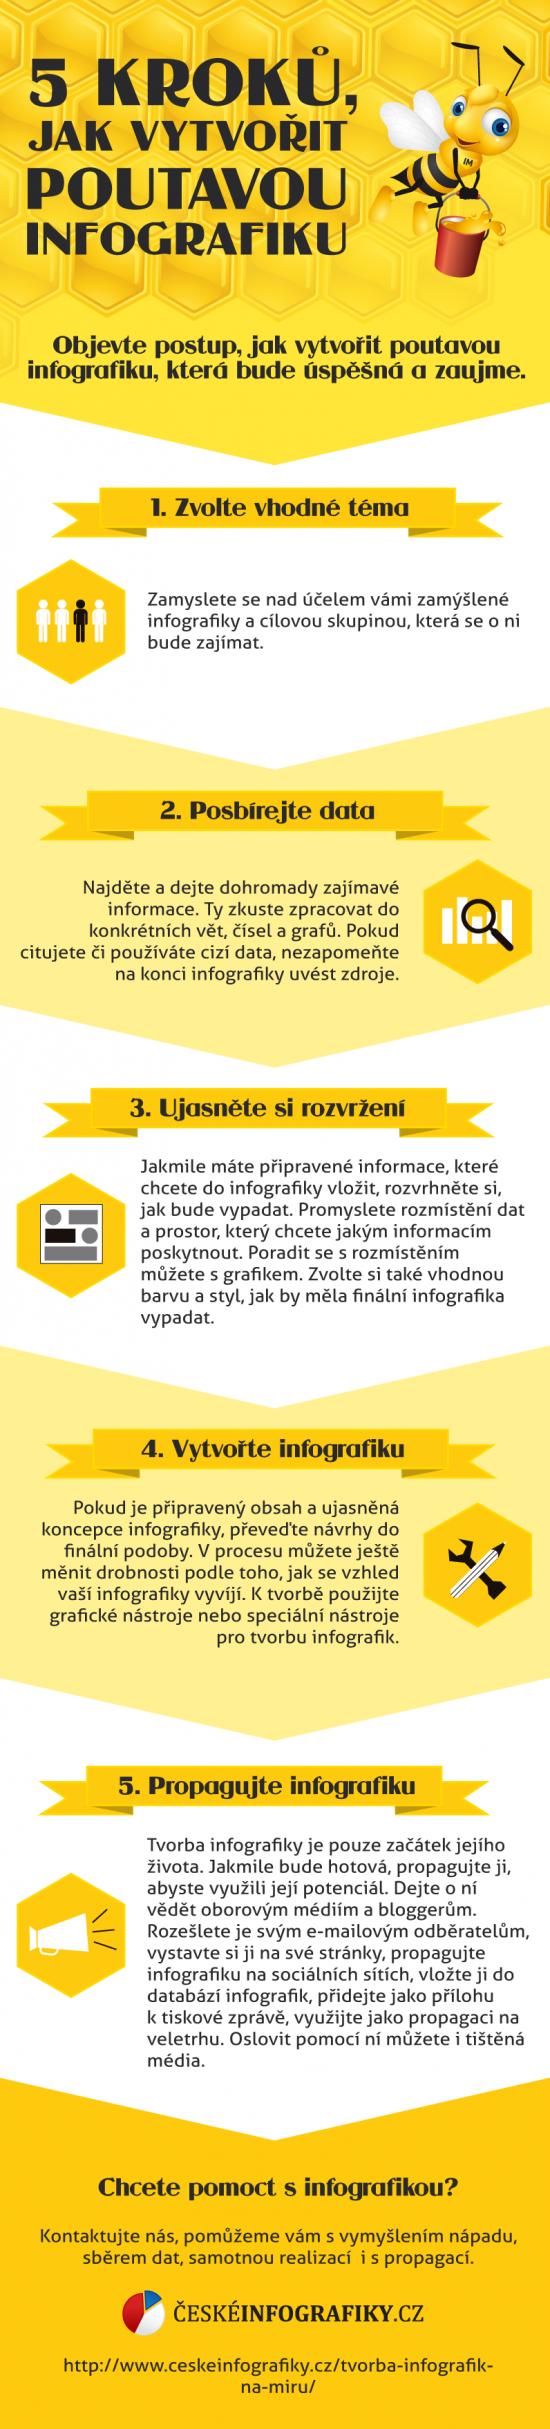 5 kroku, jak vytvorit poutavou infografiku